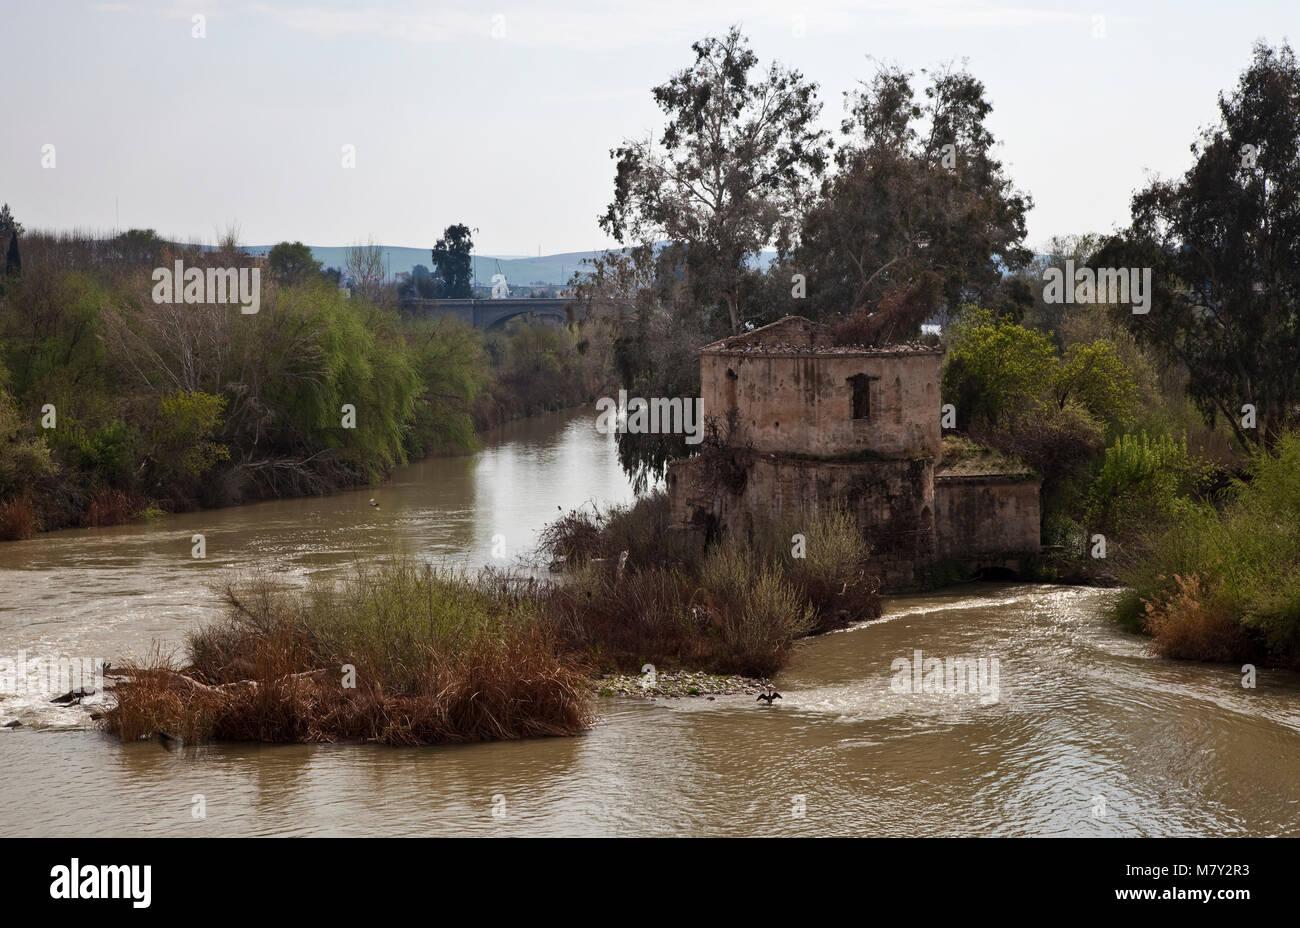 Cordoba, Ruine einer Flußmühle. Ruine einer arabischen Flußmühle im Fluß Guadalquivir - Stock Image